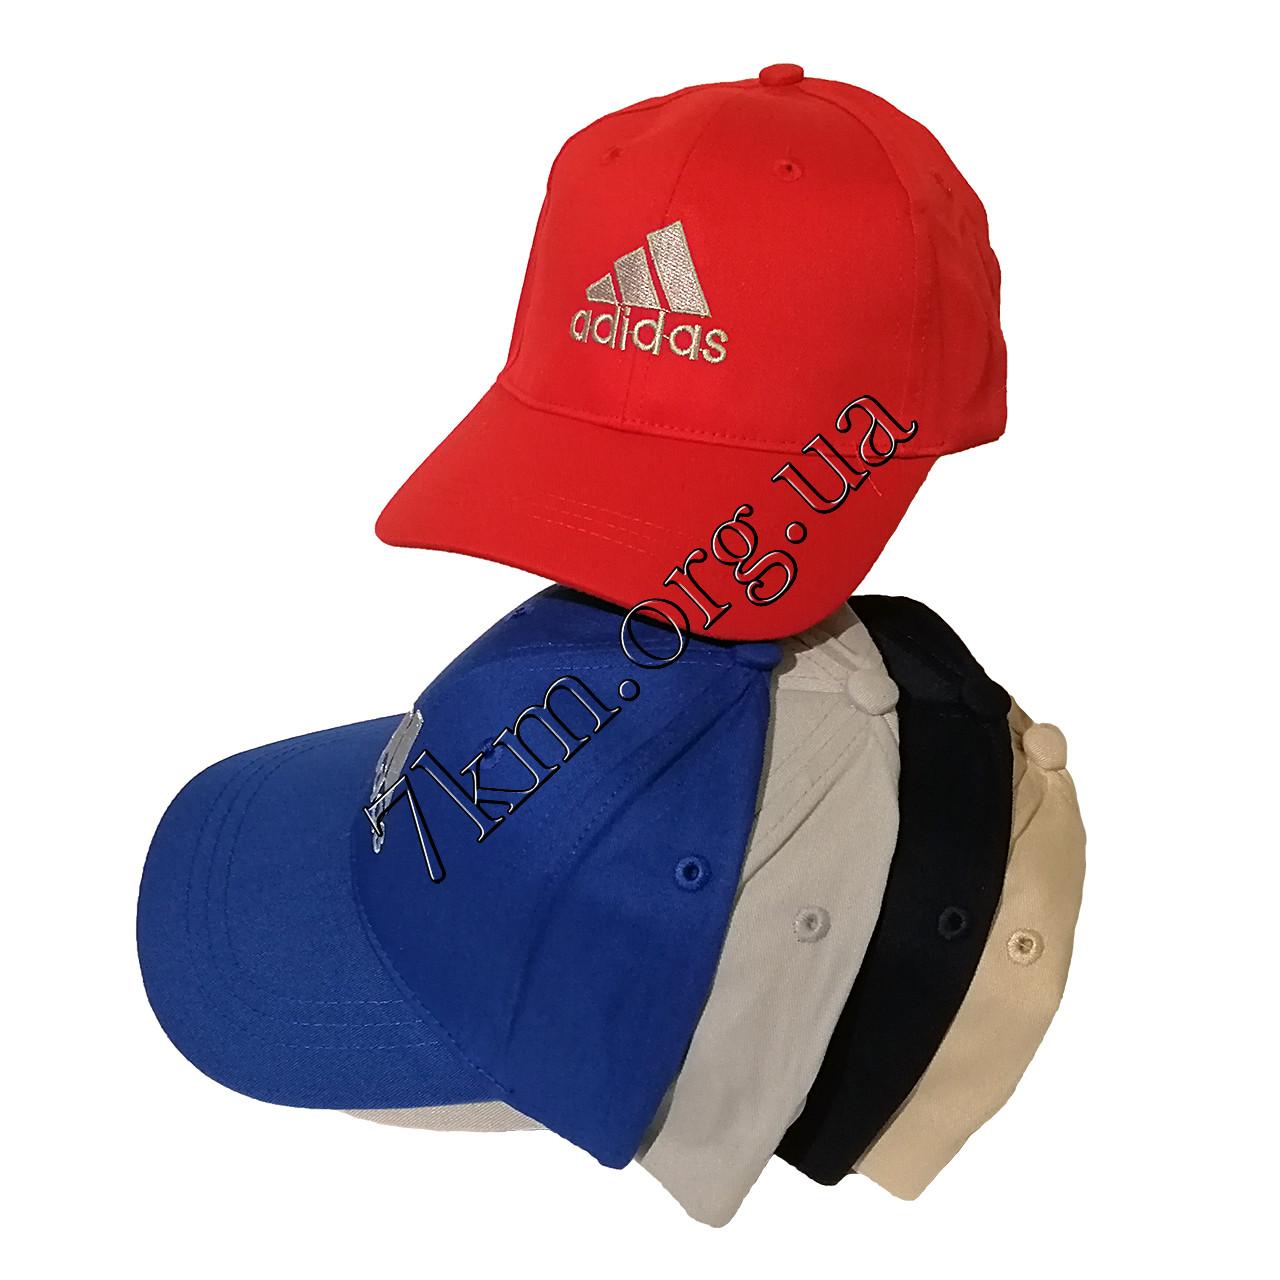 """Кепка детская для мальчиков реплика """"Adidas"""" 52-54 р. хлопок Оптом 7828"""